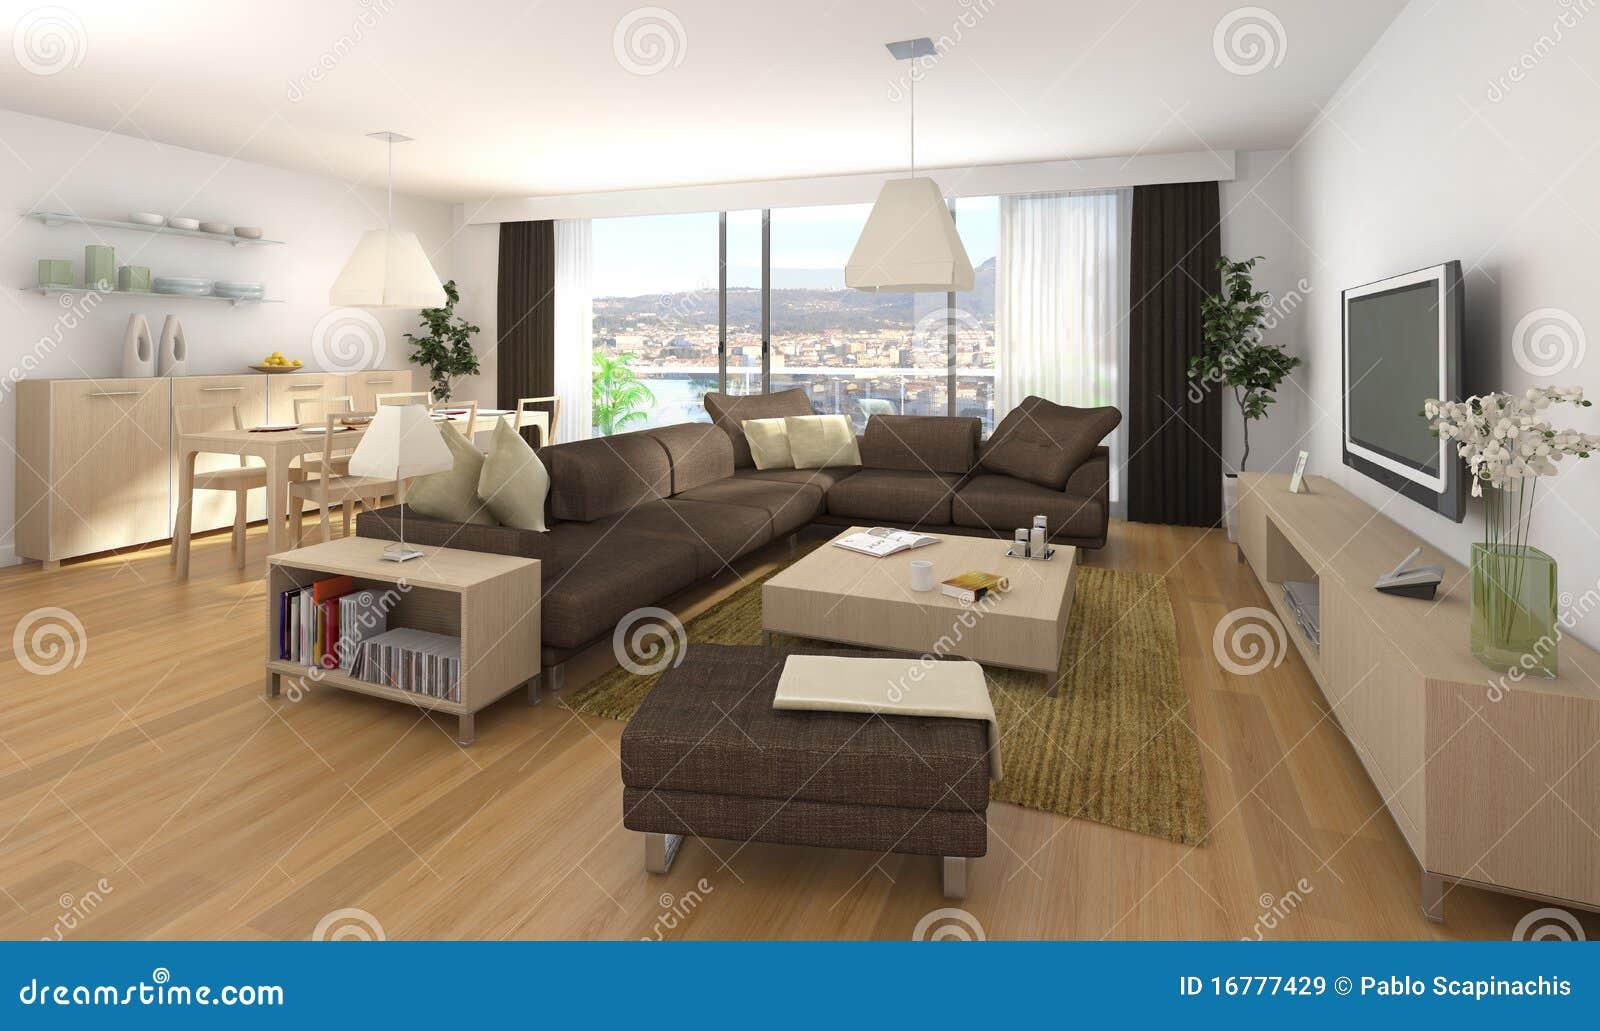 Disegno interno moderno dell 39 appartamento illustrazione di for Interni di appartamenti